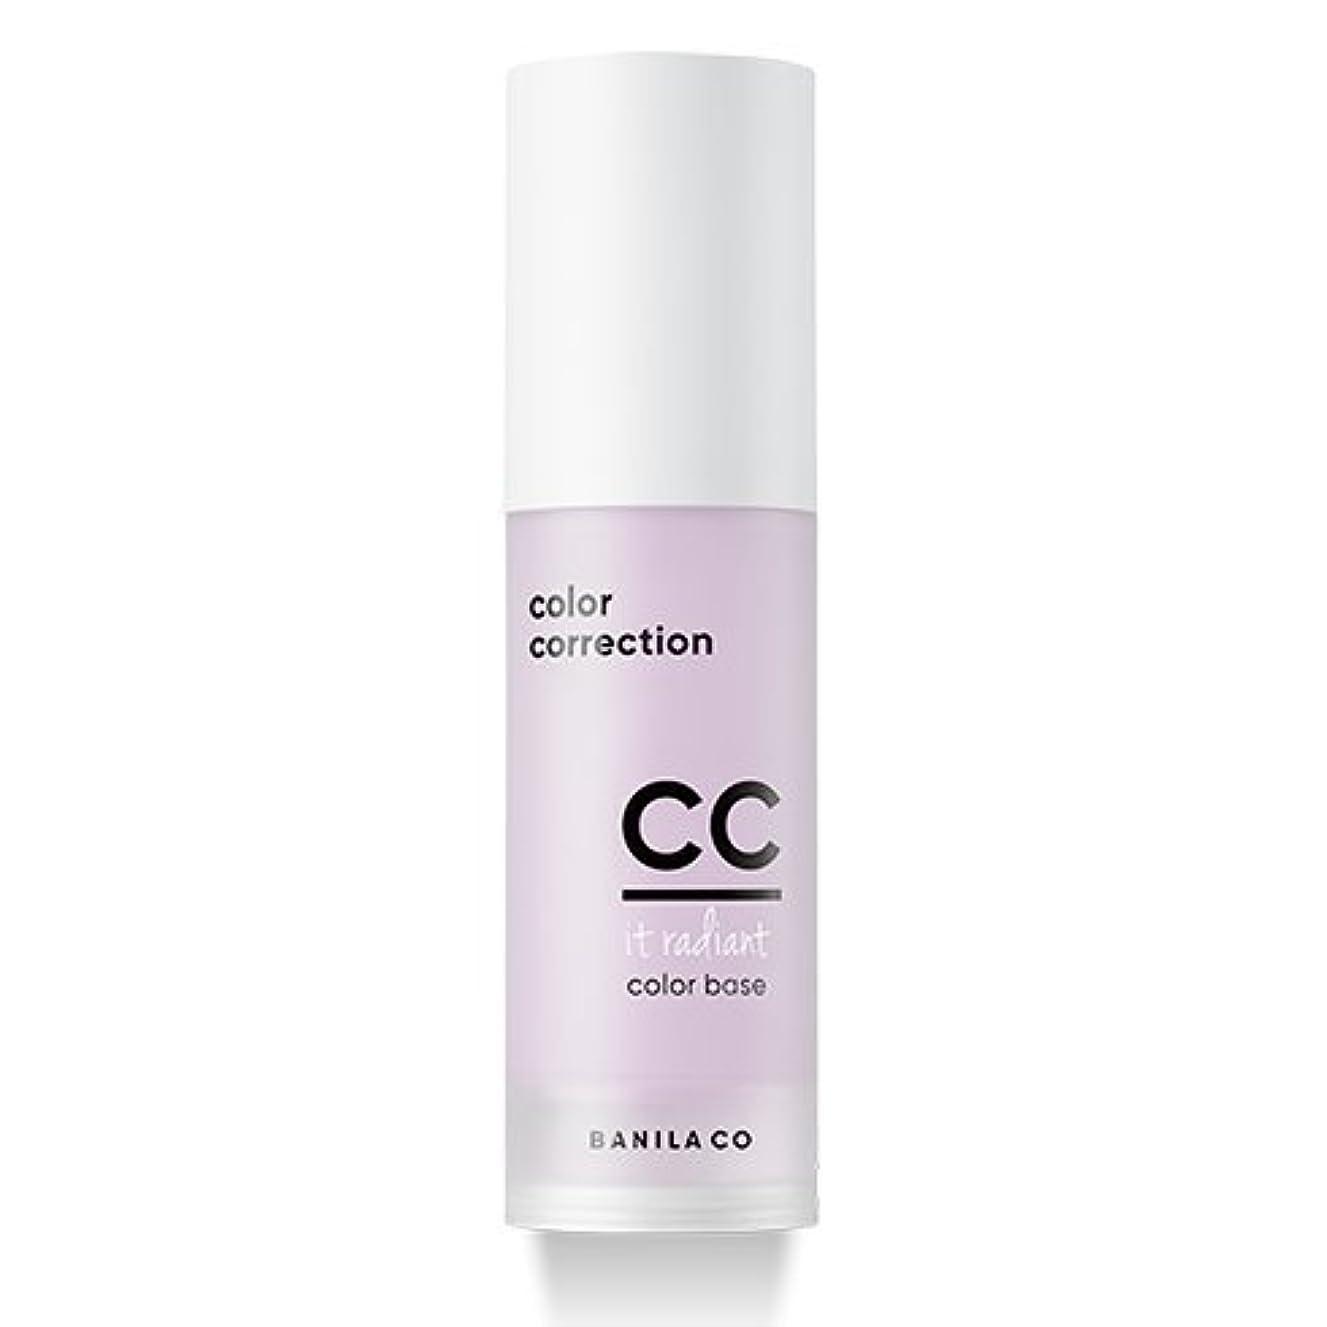 教育ゼロ体細胞BANILA CO It Radiant CC Color Base 30ml/バニラコ イット ラディアント CC カラー ベース 30ml (#Lavender) [並行輸入品]